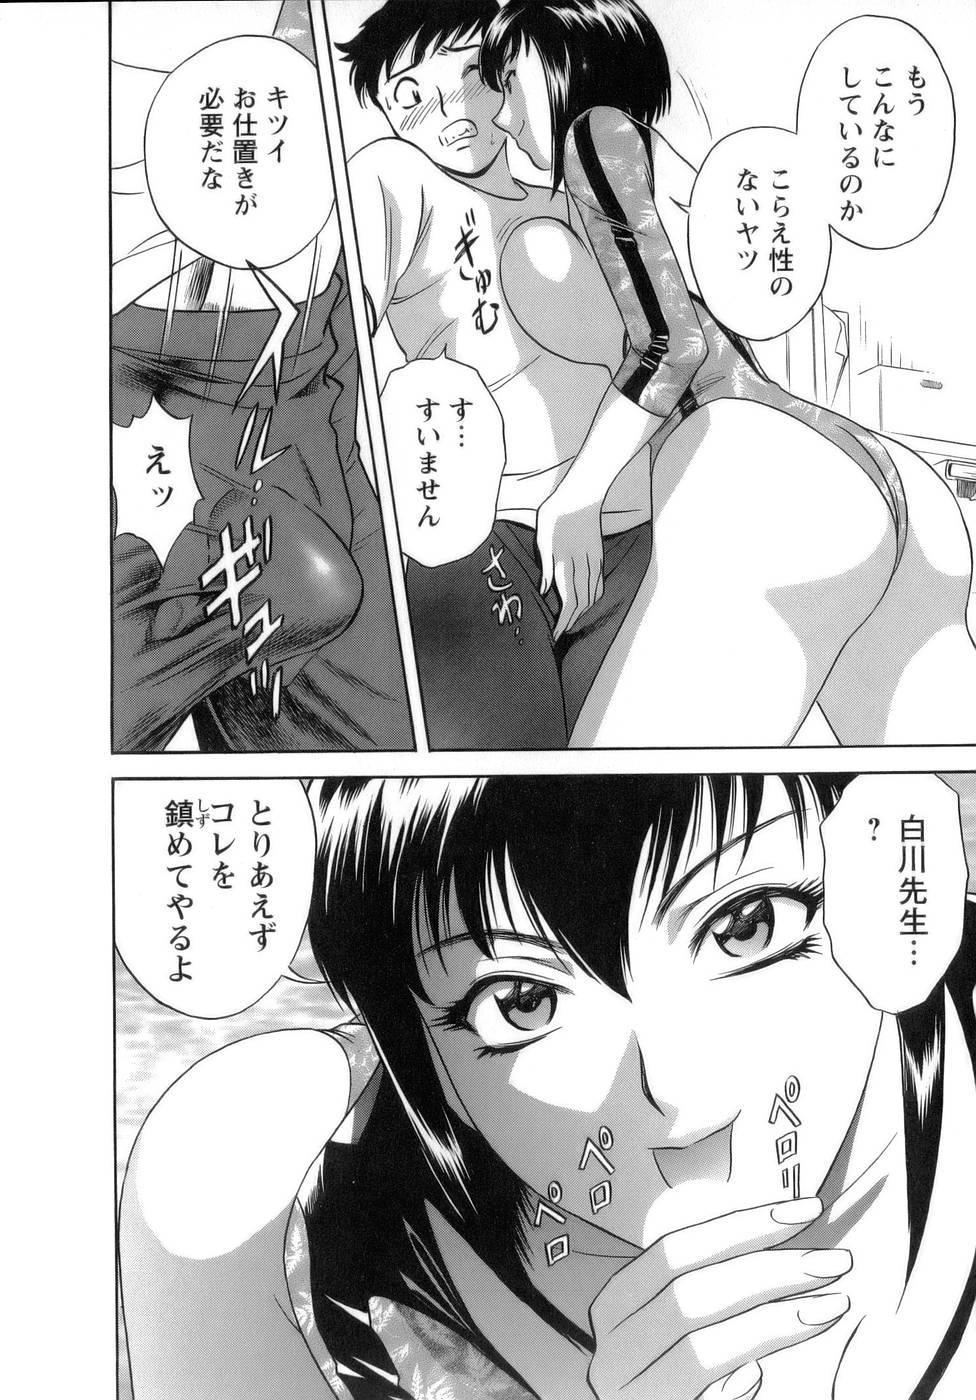 [Hidemaru] Mo-Retsu! Boin Sensei (Boing Boing Teacher) Vol.1 40